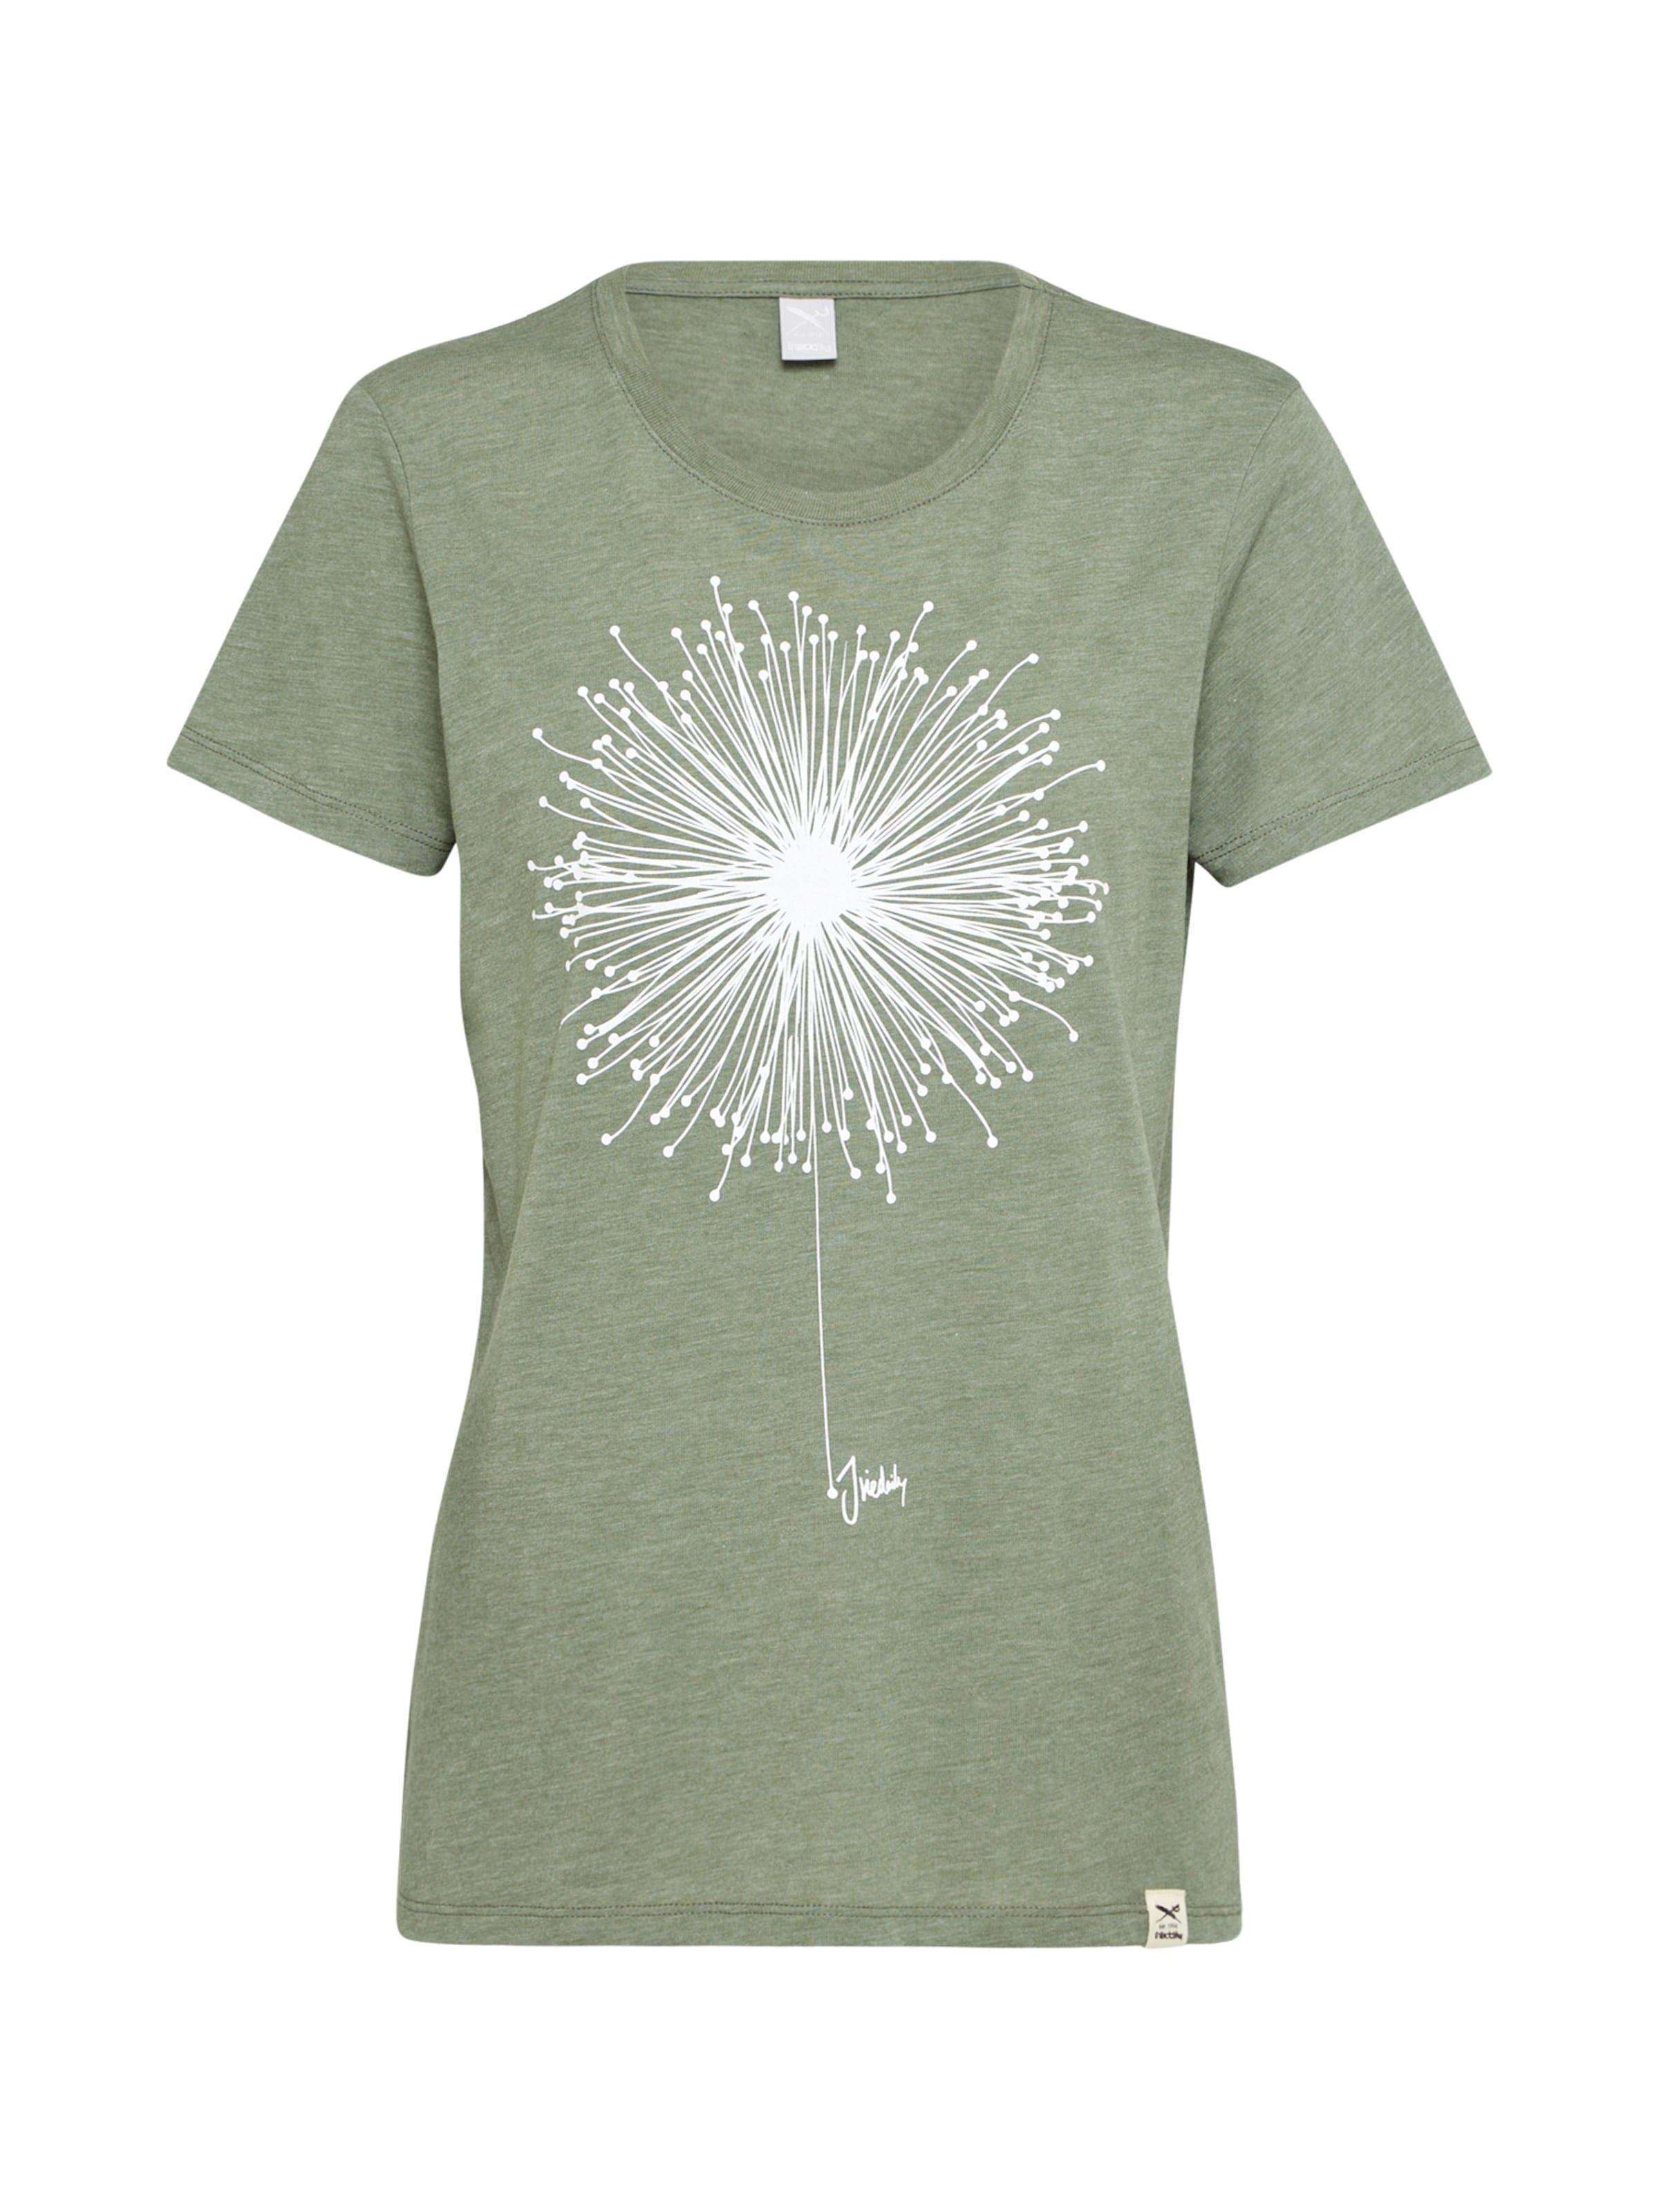 shirt In Iriedaily 'blowball' T Grün OPiuTkZX